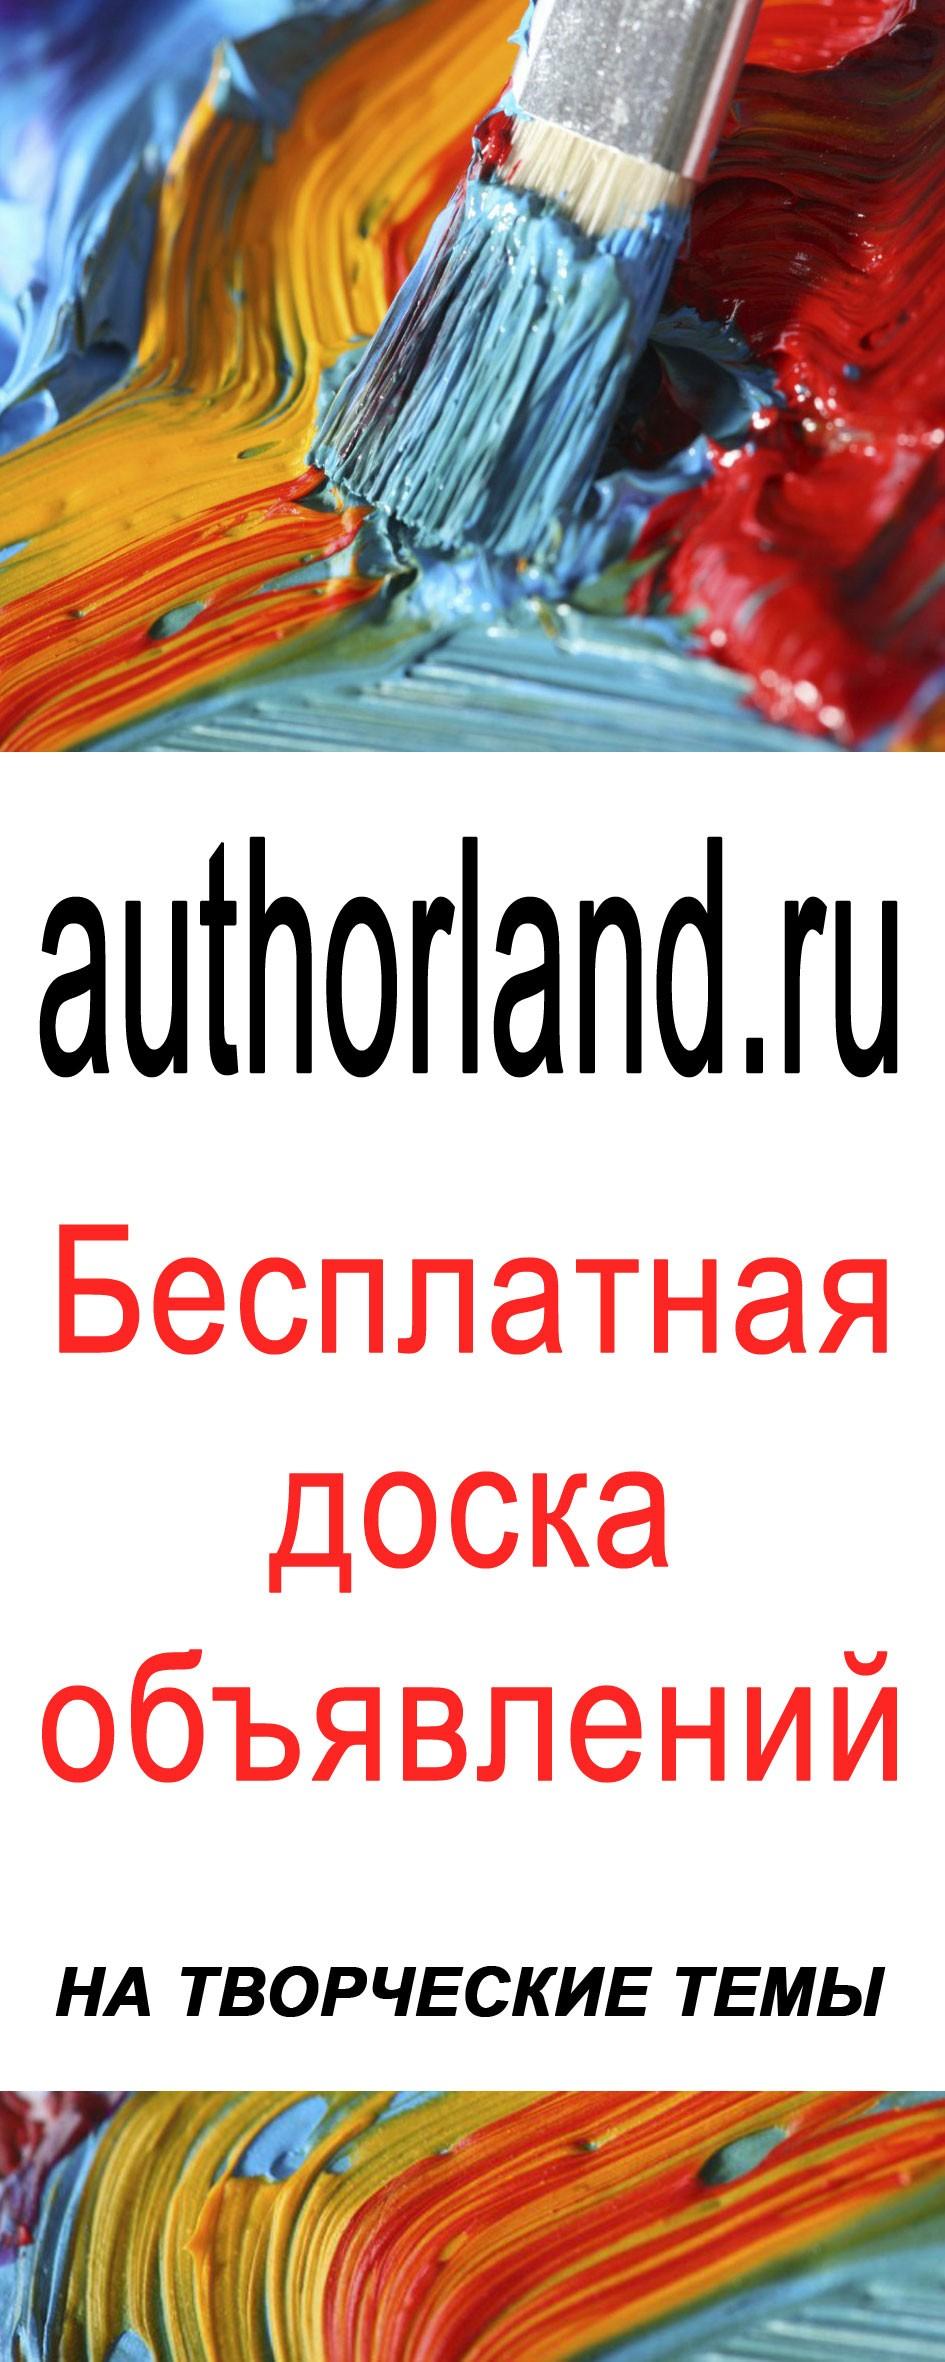 Бесплатные объявления на творческие темы